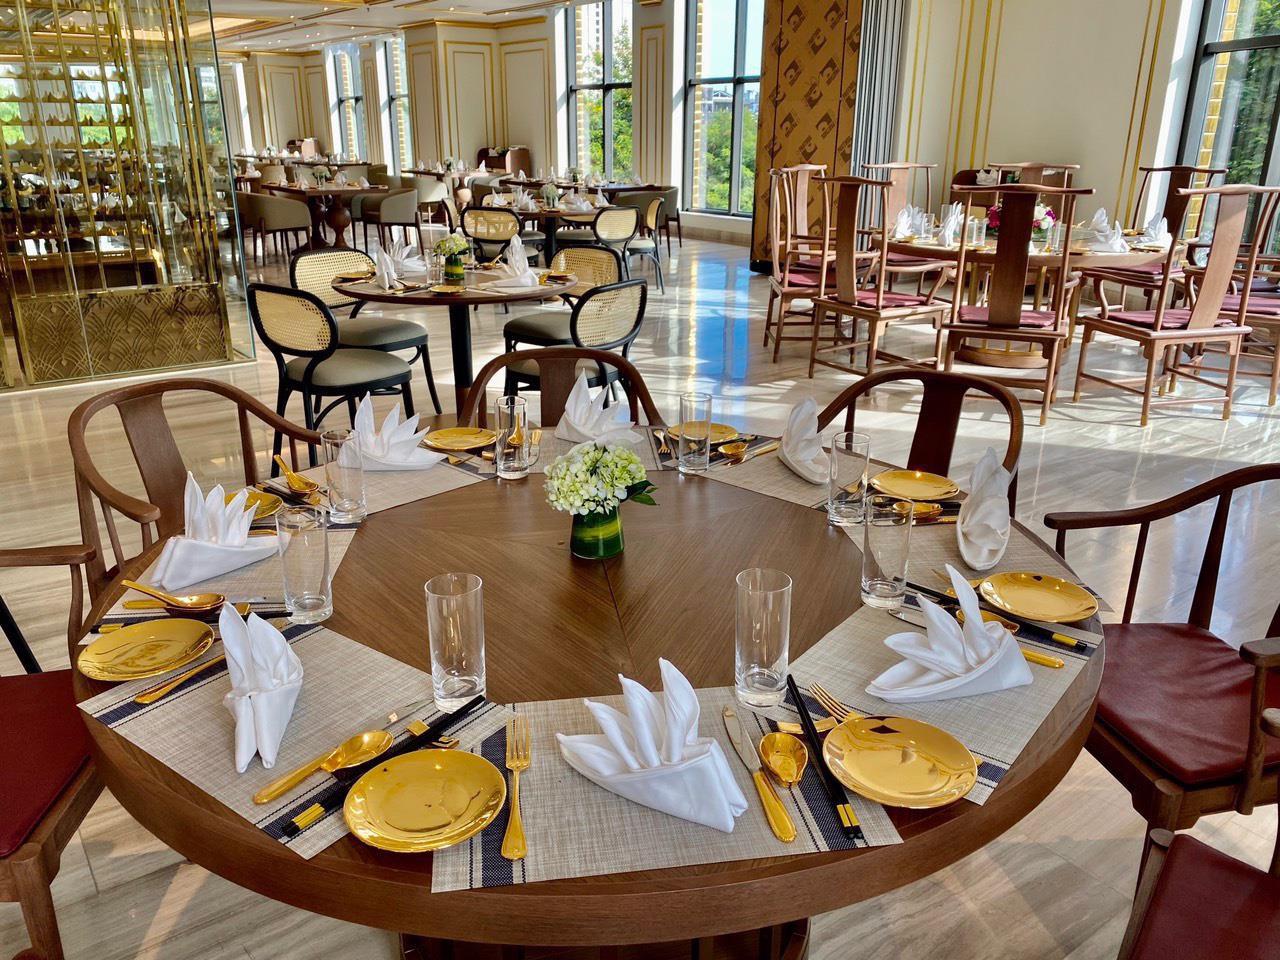 Chương trình khuyến mãi hấp dẫn của khách sạn dát vàng 8 sao Dolce Hanoi Golden lake - Ảnh 2.